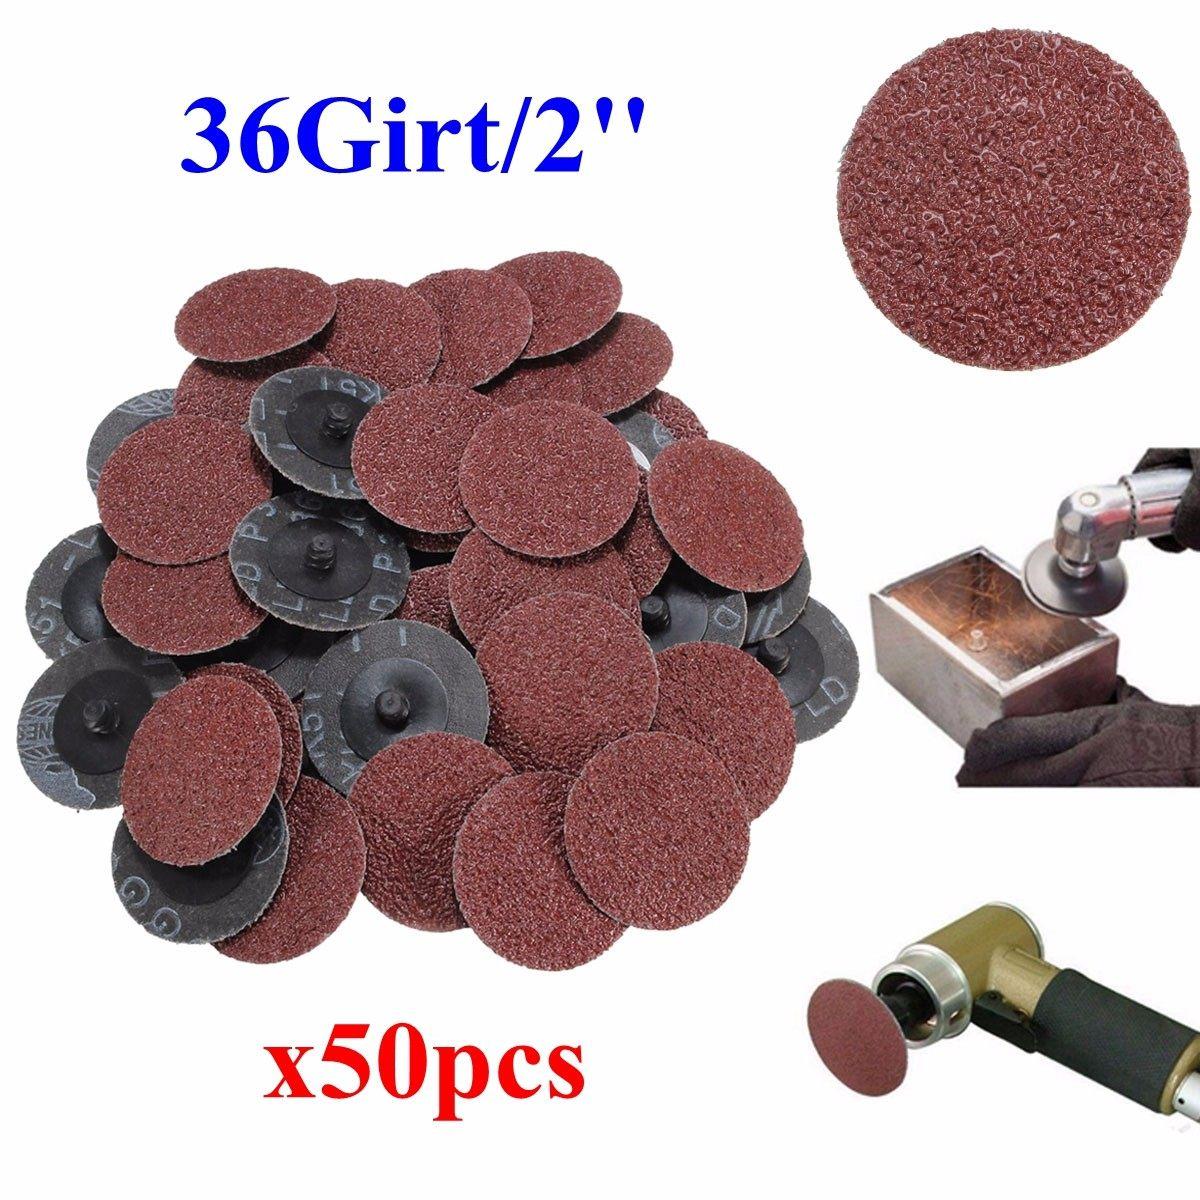 50Pcs 36 Grit Sandpaper Sanding Discs 2'' Roll Lock Type R Roloc For Dremel Abrasive Tool Sanding Discs Kit